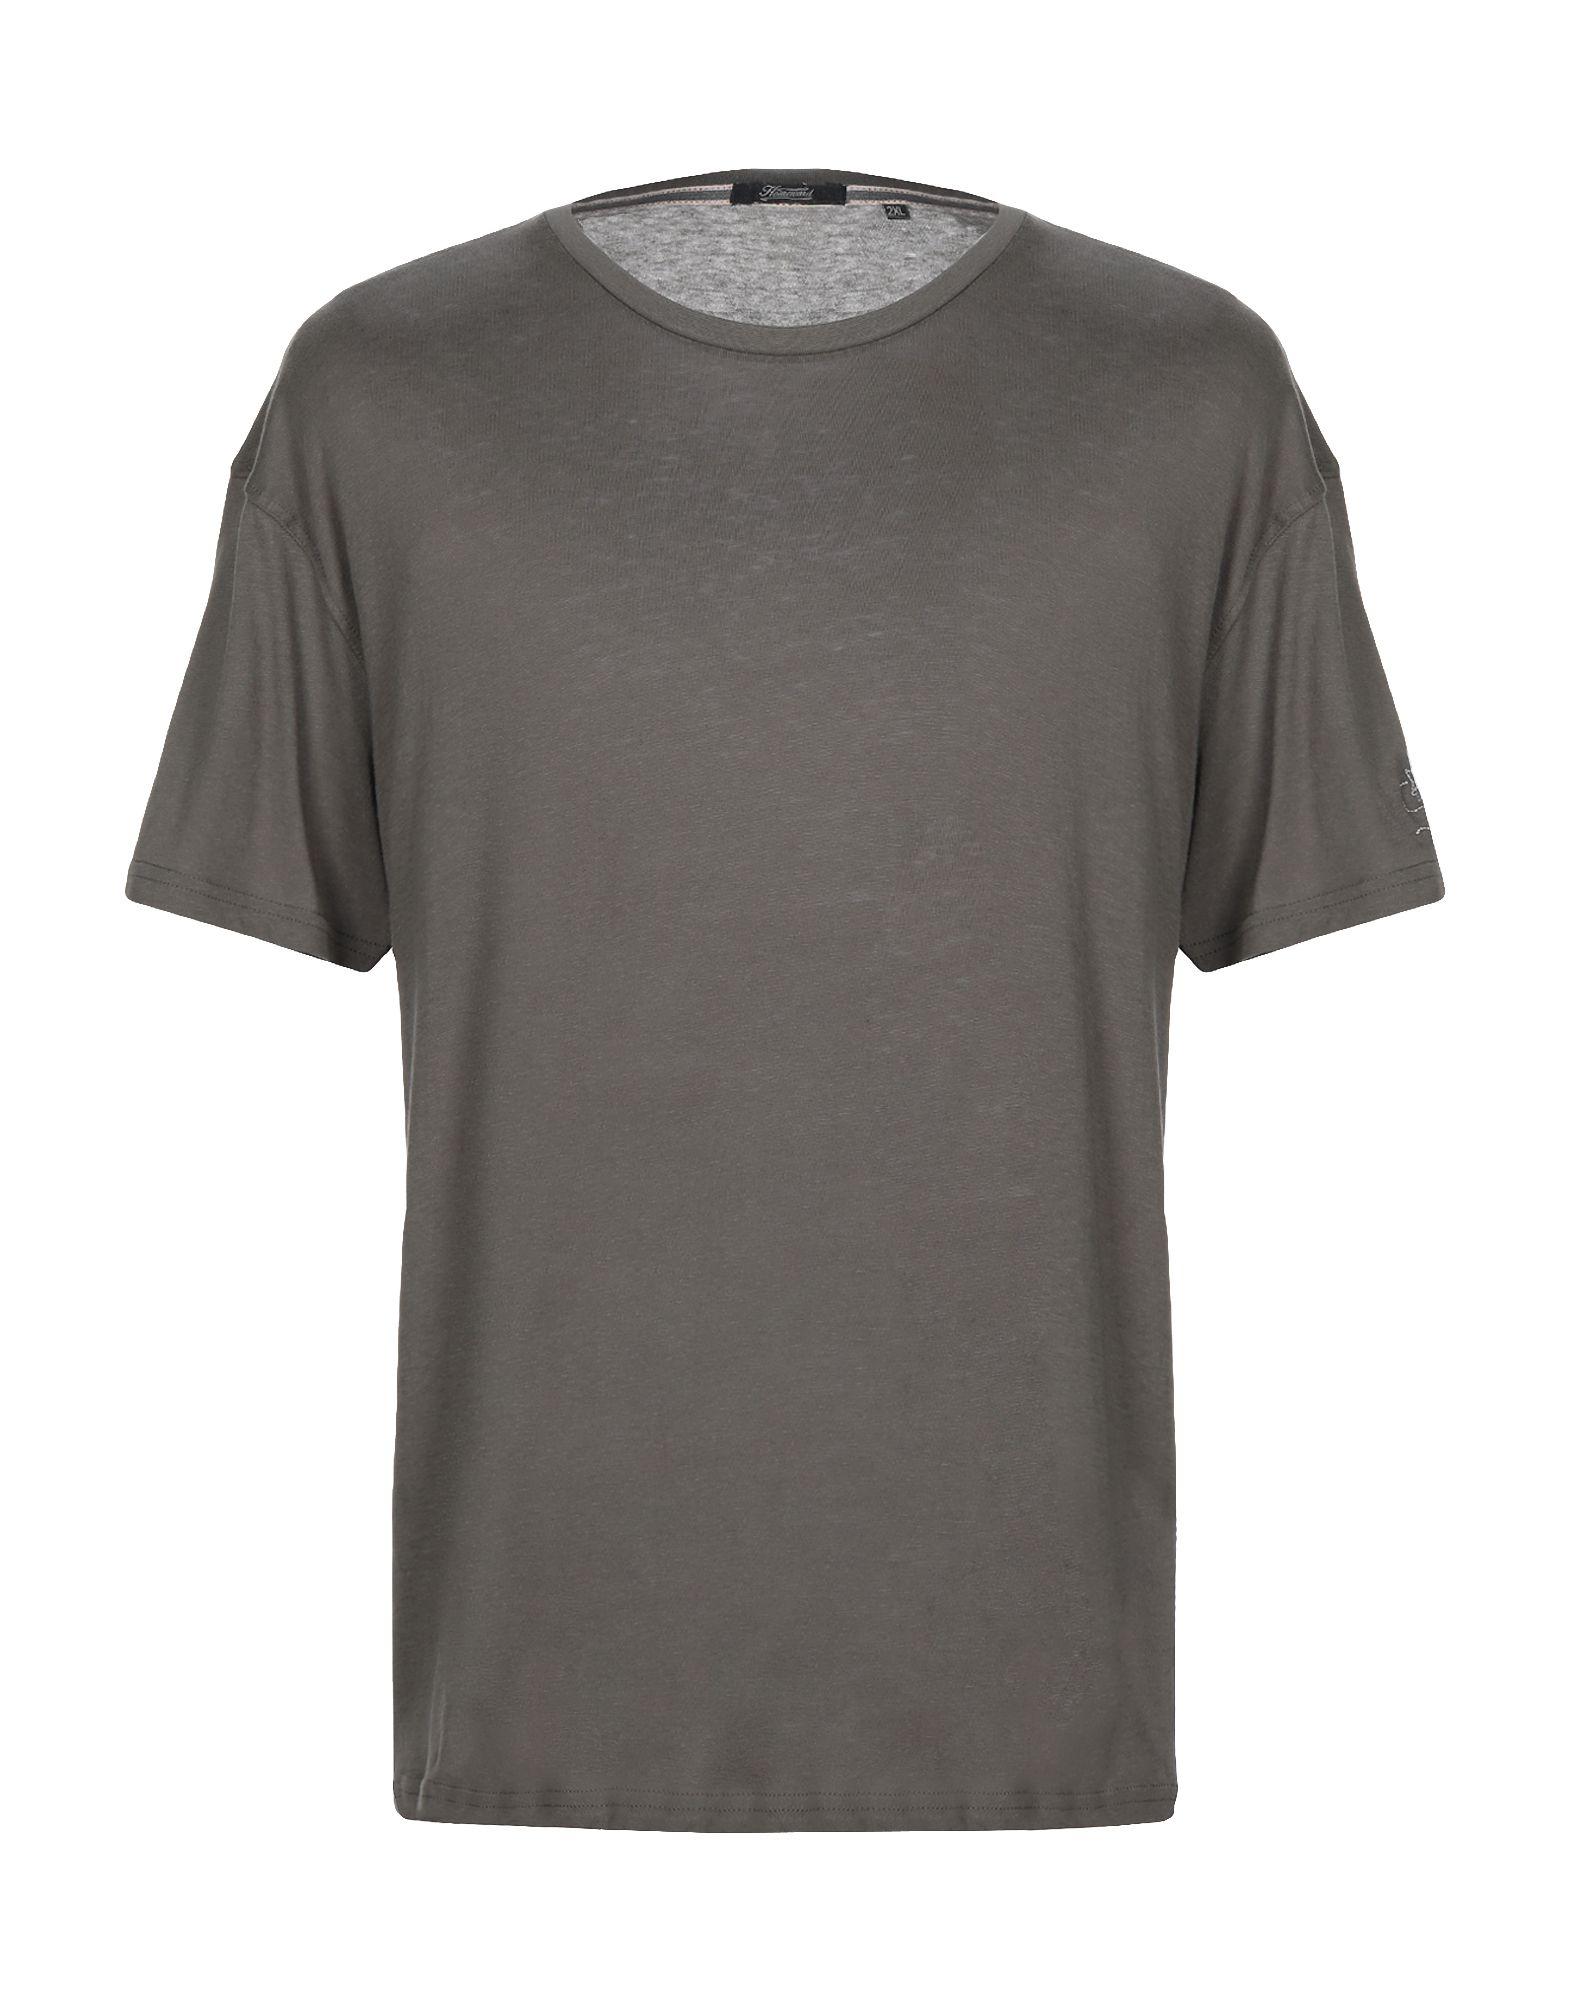 HOMEWARD CLOTHES Футболка jeans modis m182d00117 for girls kids clothes children clothes tmallfs